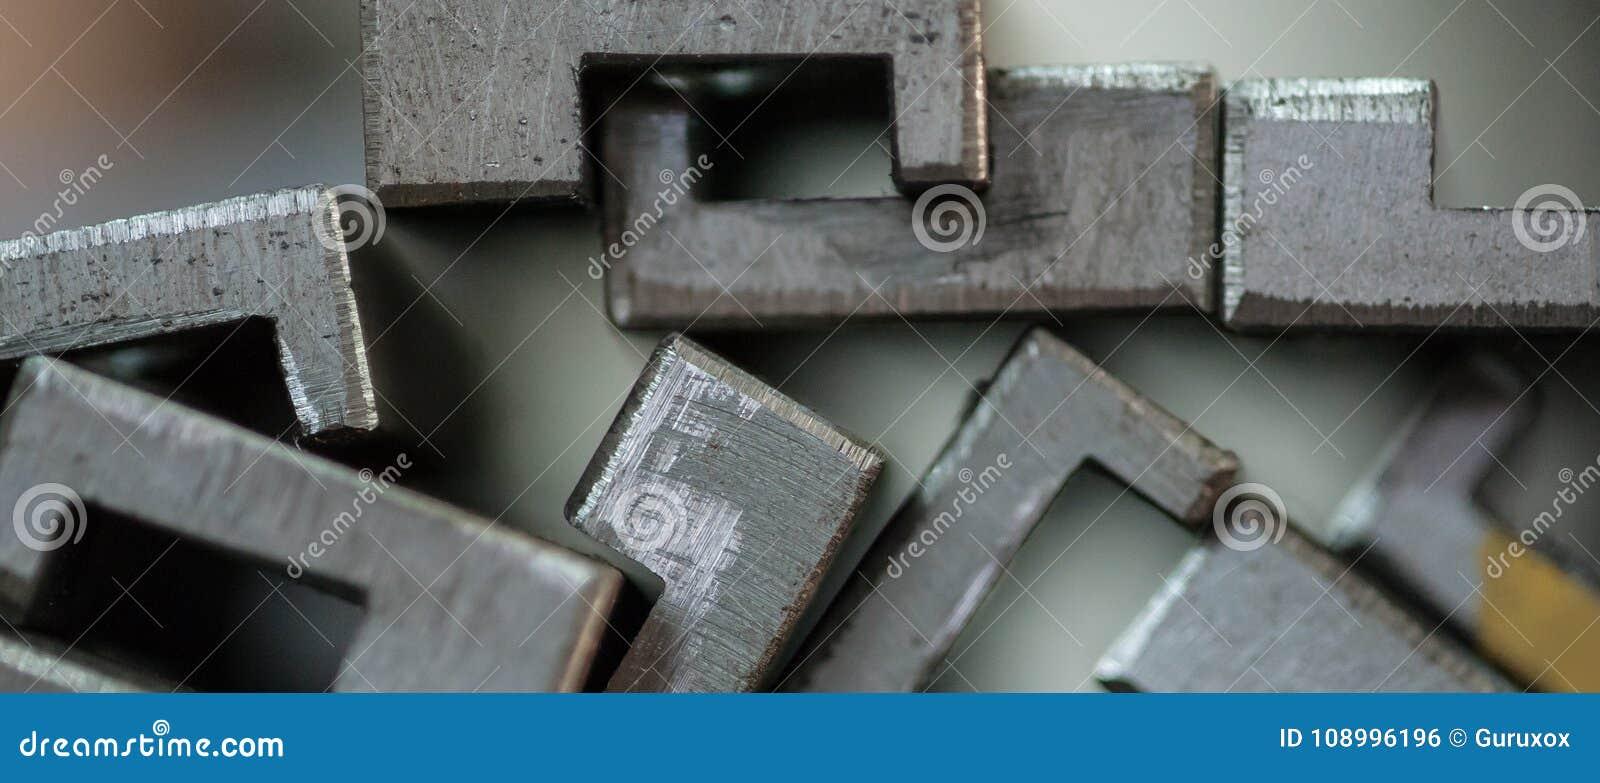 Fermez-vous des plaques de métal empilées